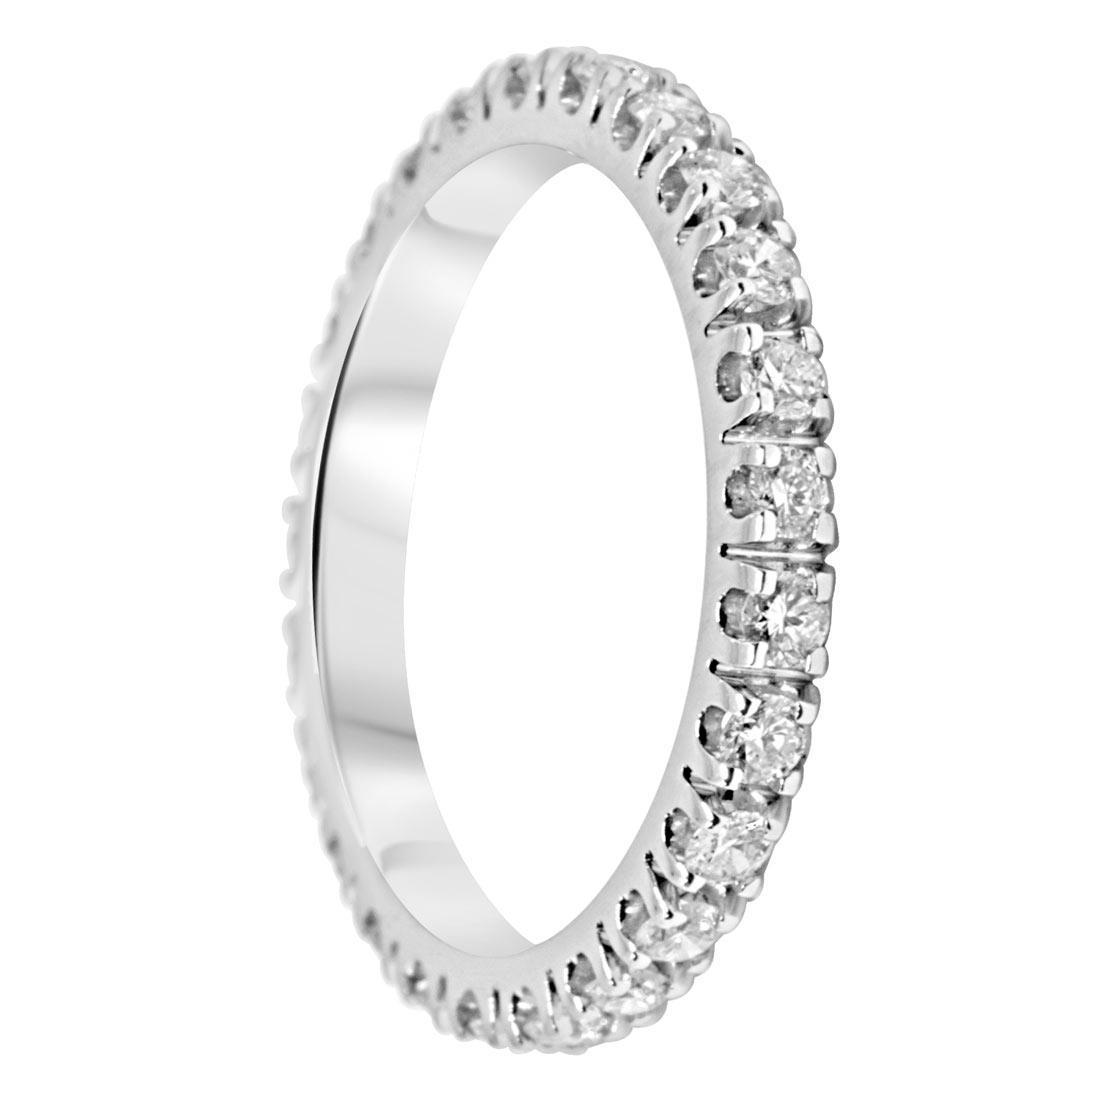 Anello veretta Oro & Co in oro bianco con diamanti ct 0,75  - ORO&CO